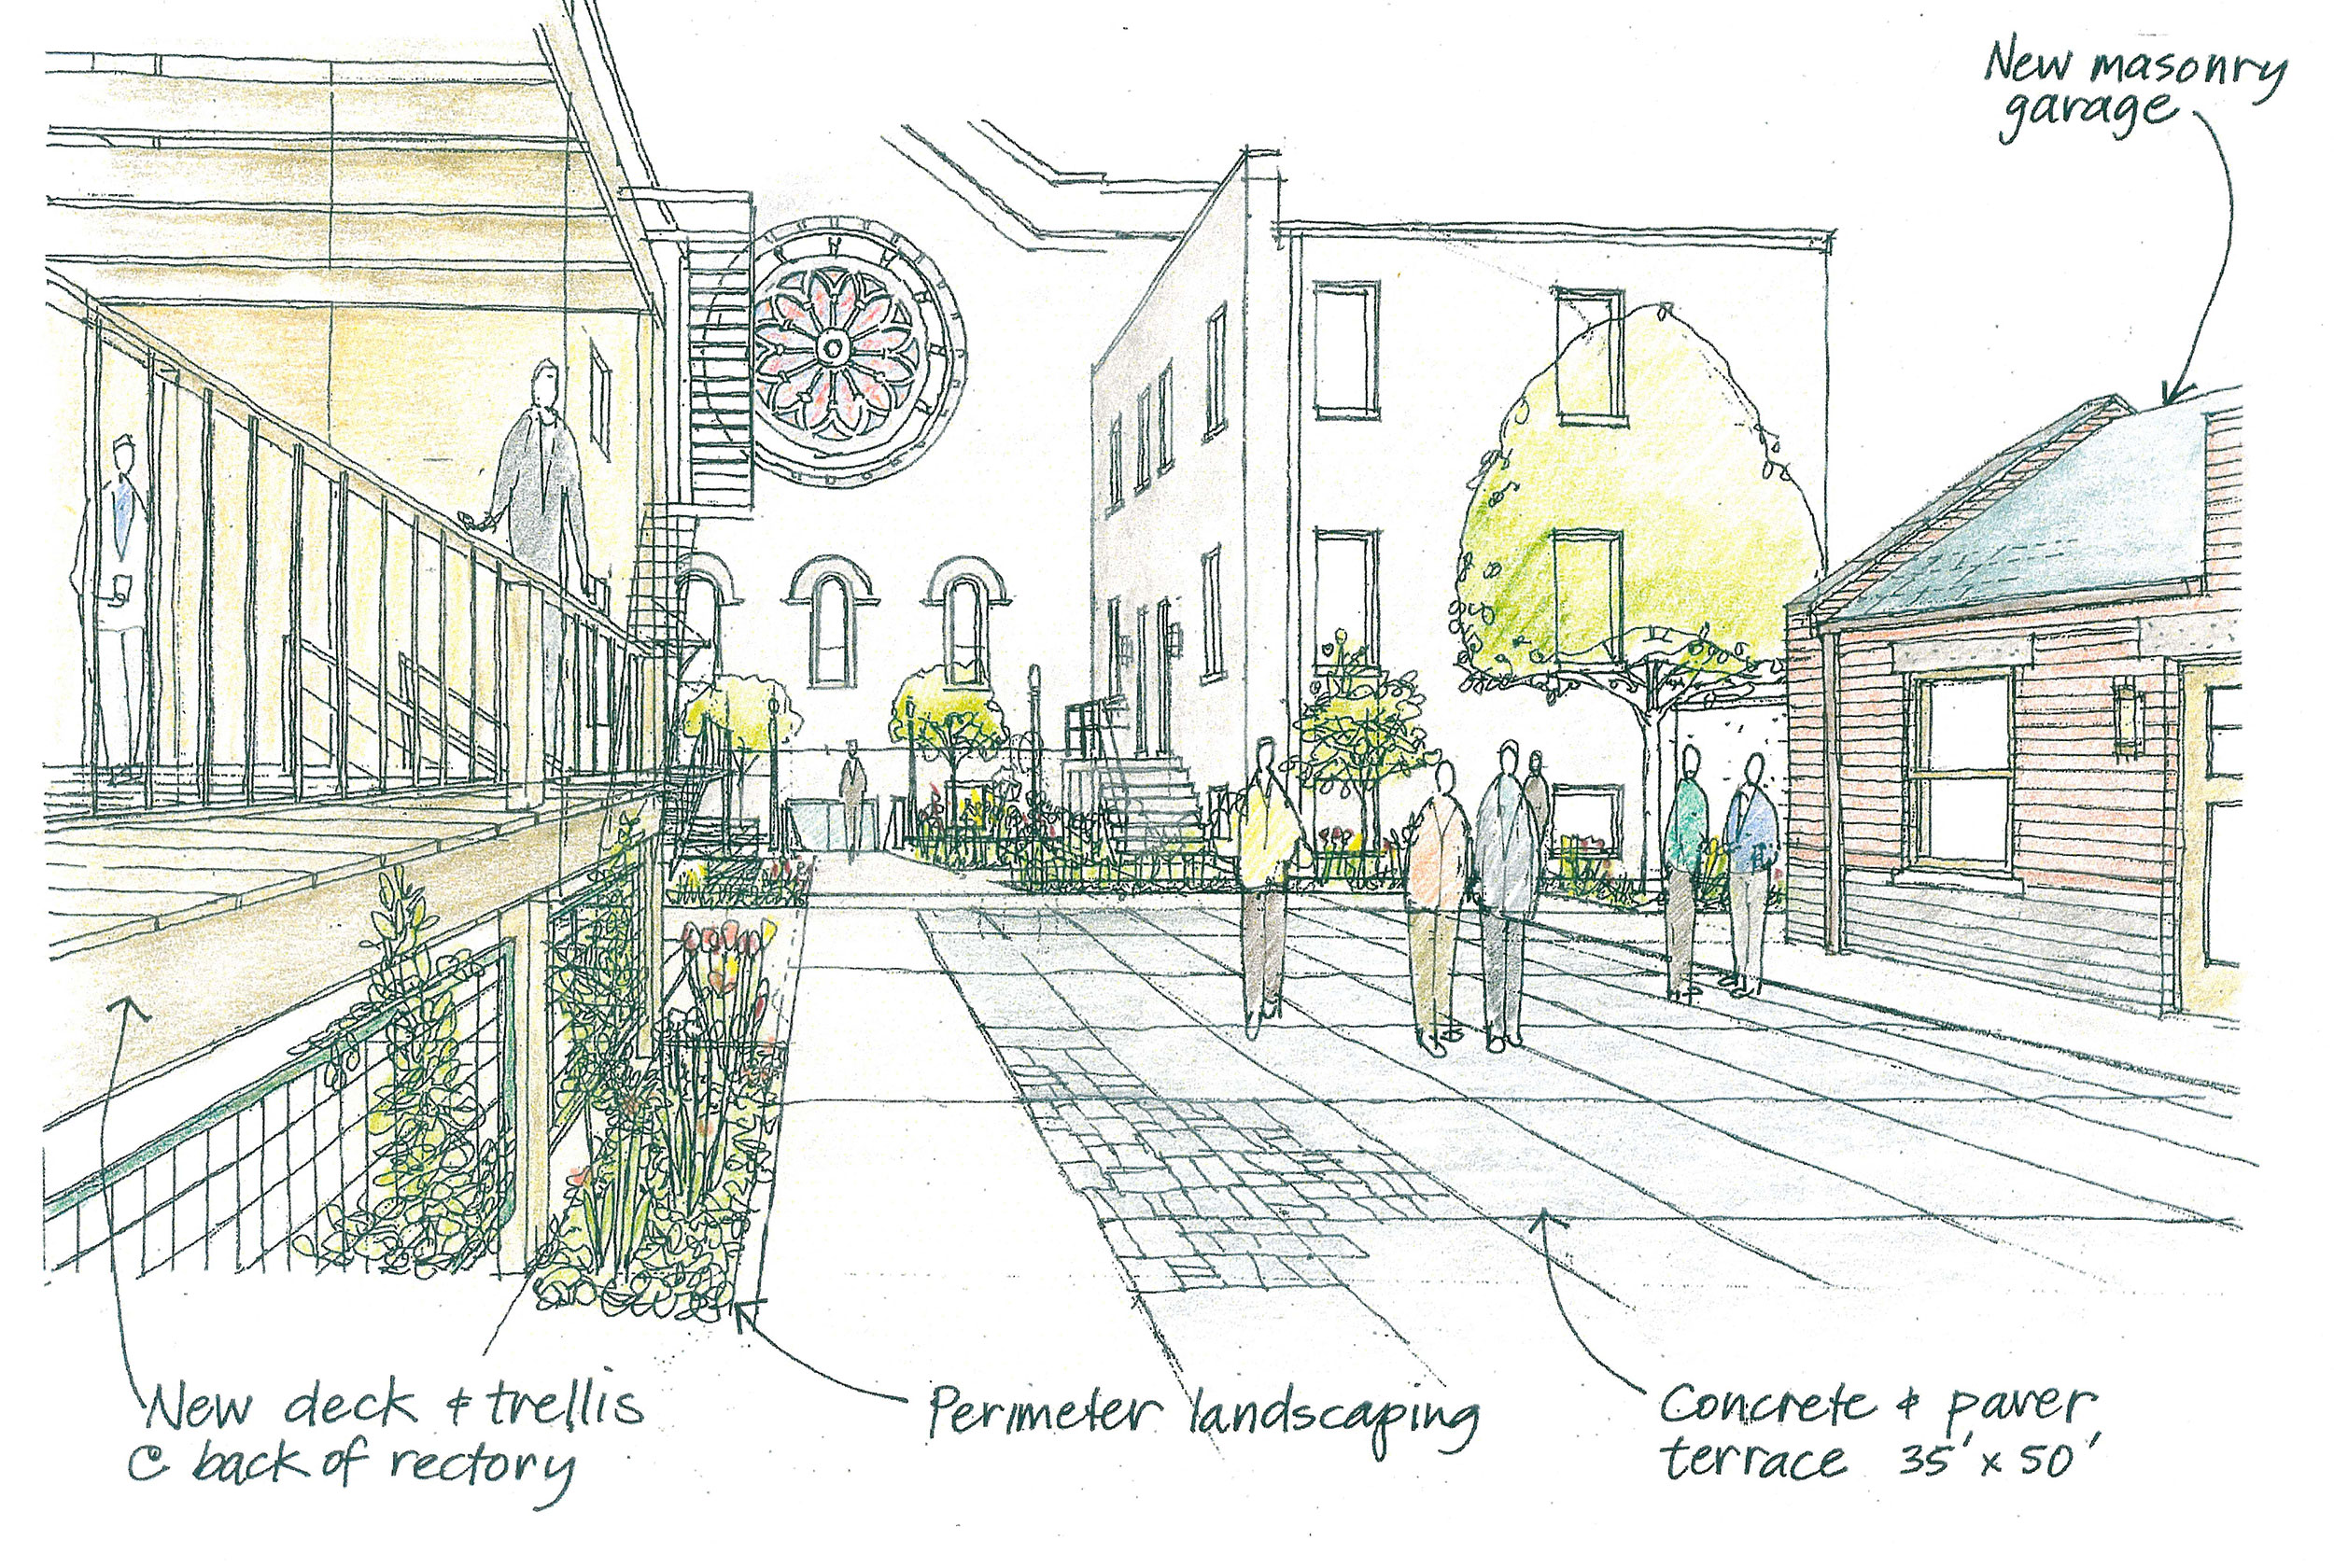 courtyard-rendering